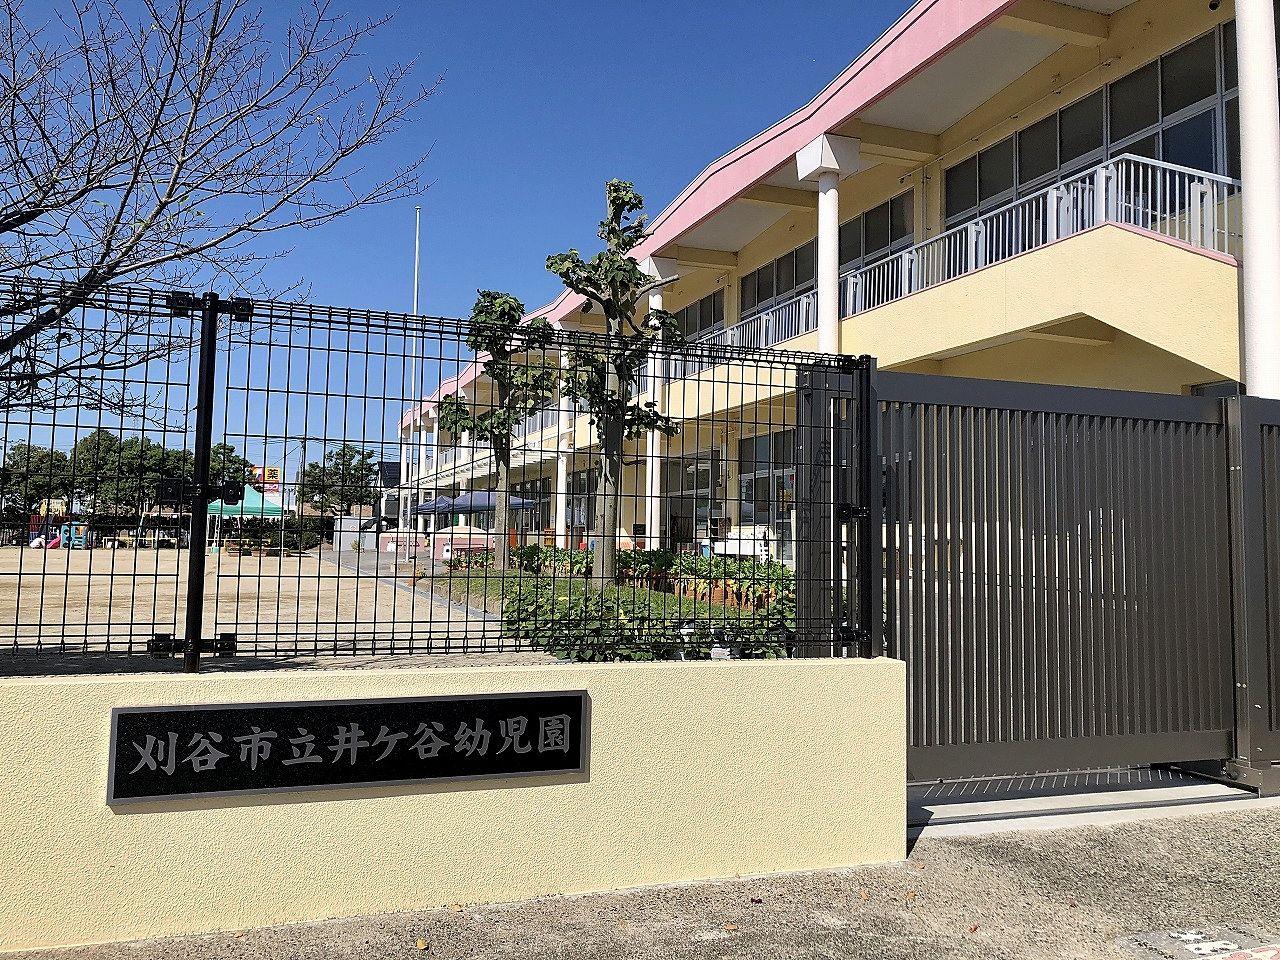 井ヶ谷町下前田54 0566-36-1611